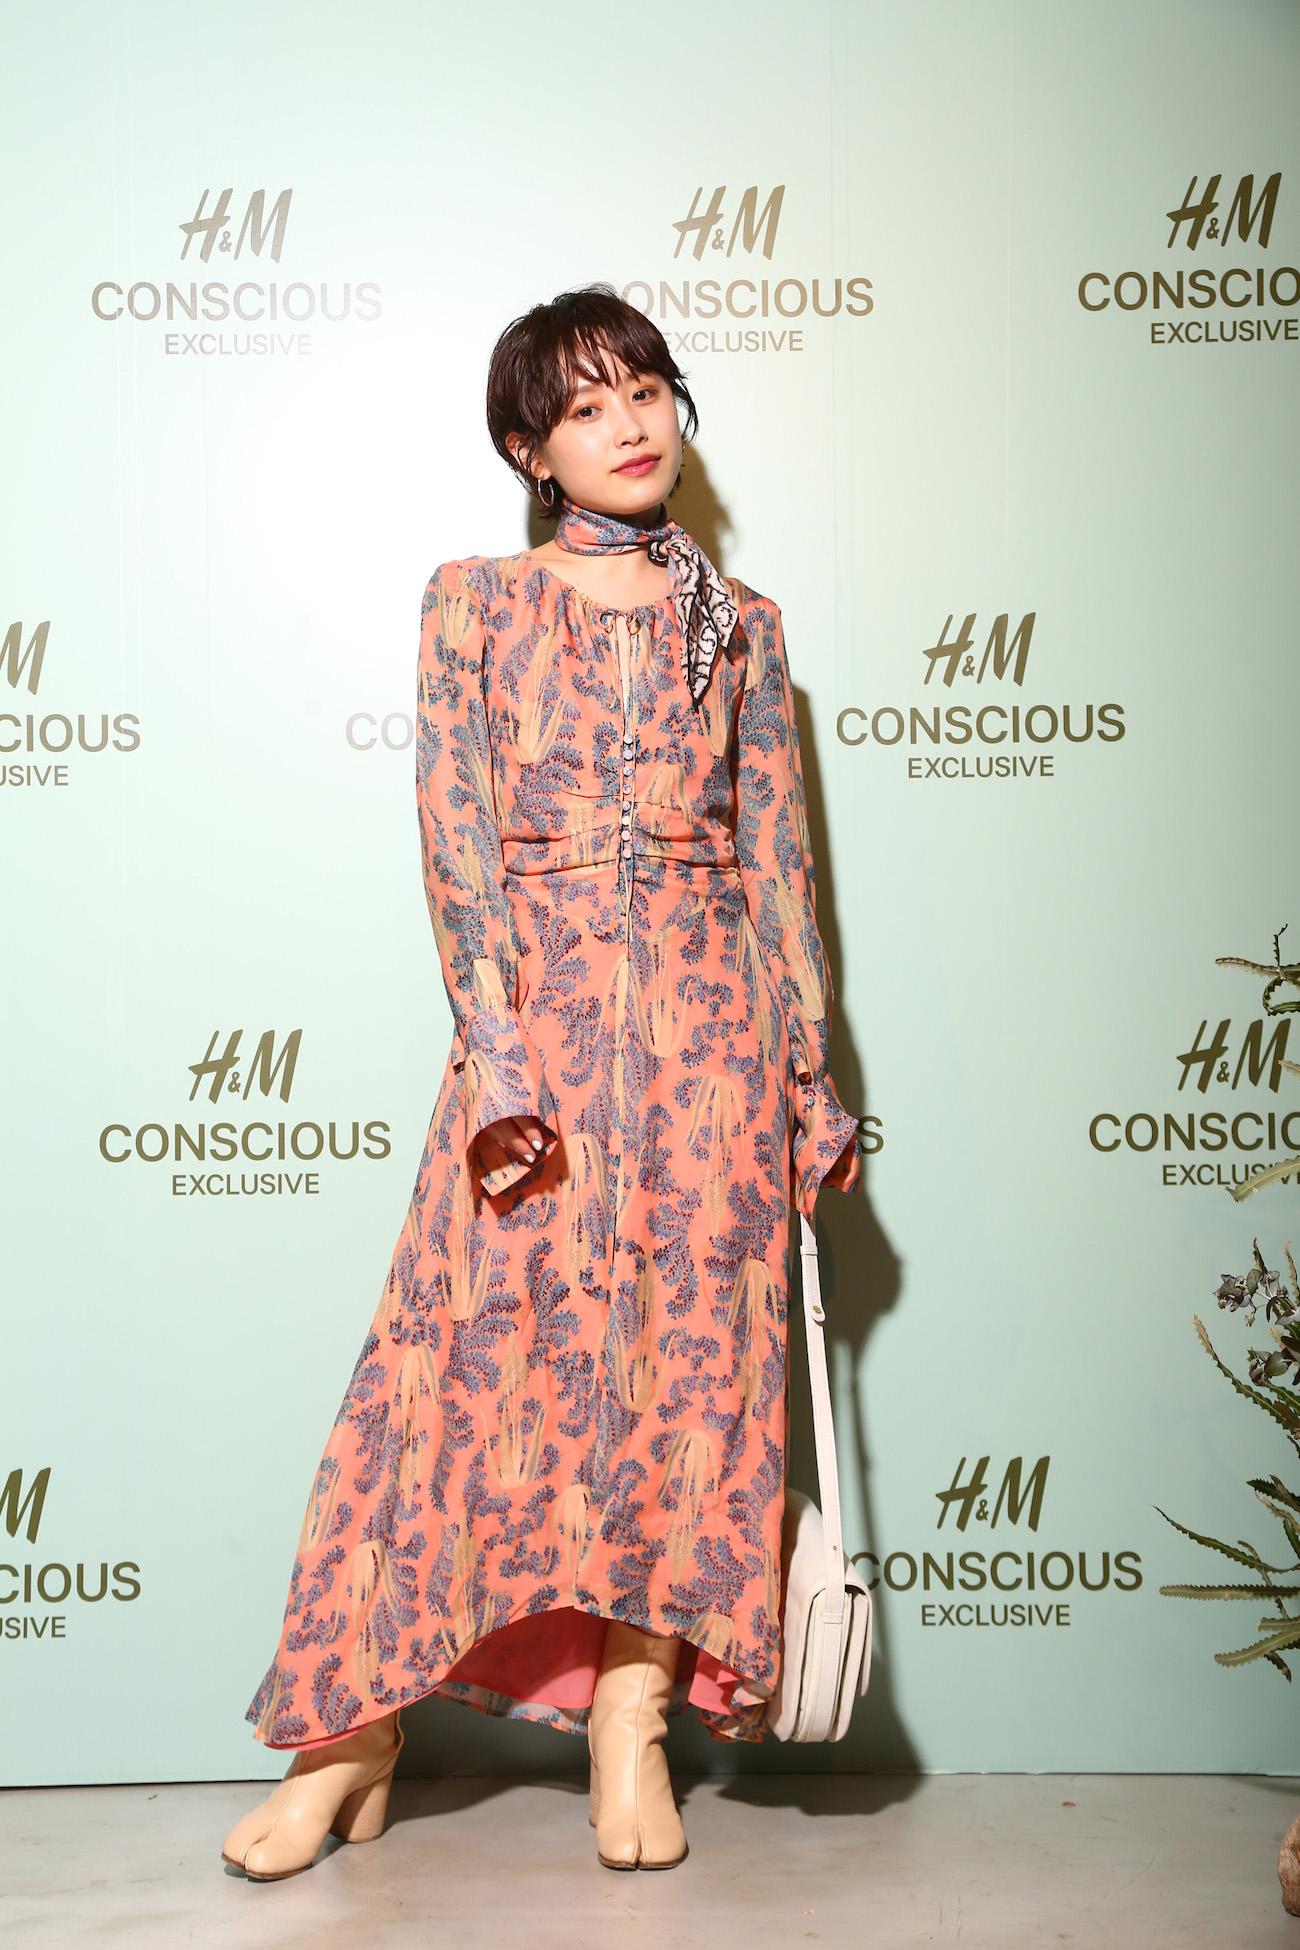 高橋愛/H&M CONSCIOUS EXCLUSIVE(コンシャス・エクスクルーシヴ)のお披露目イベント(2019年4月5日)